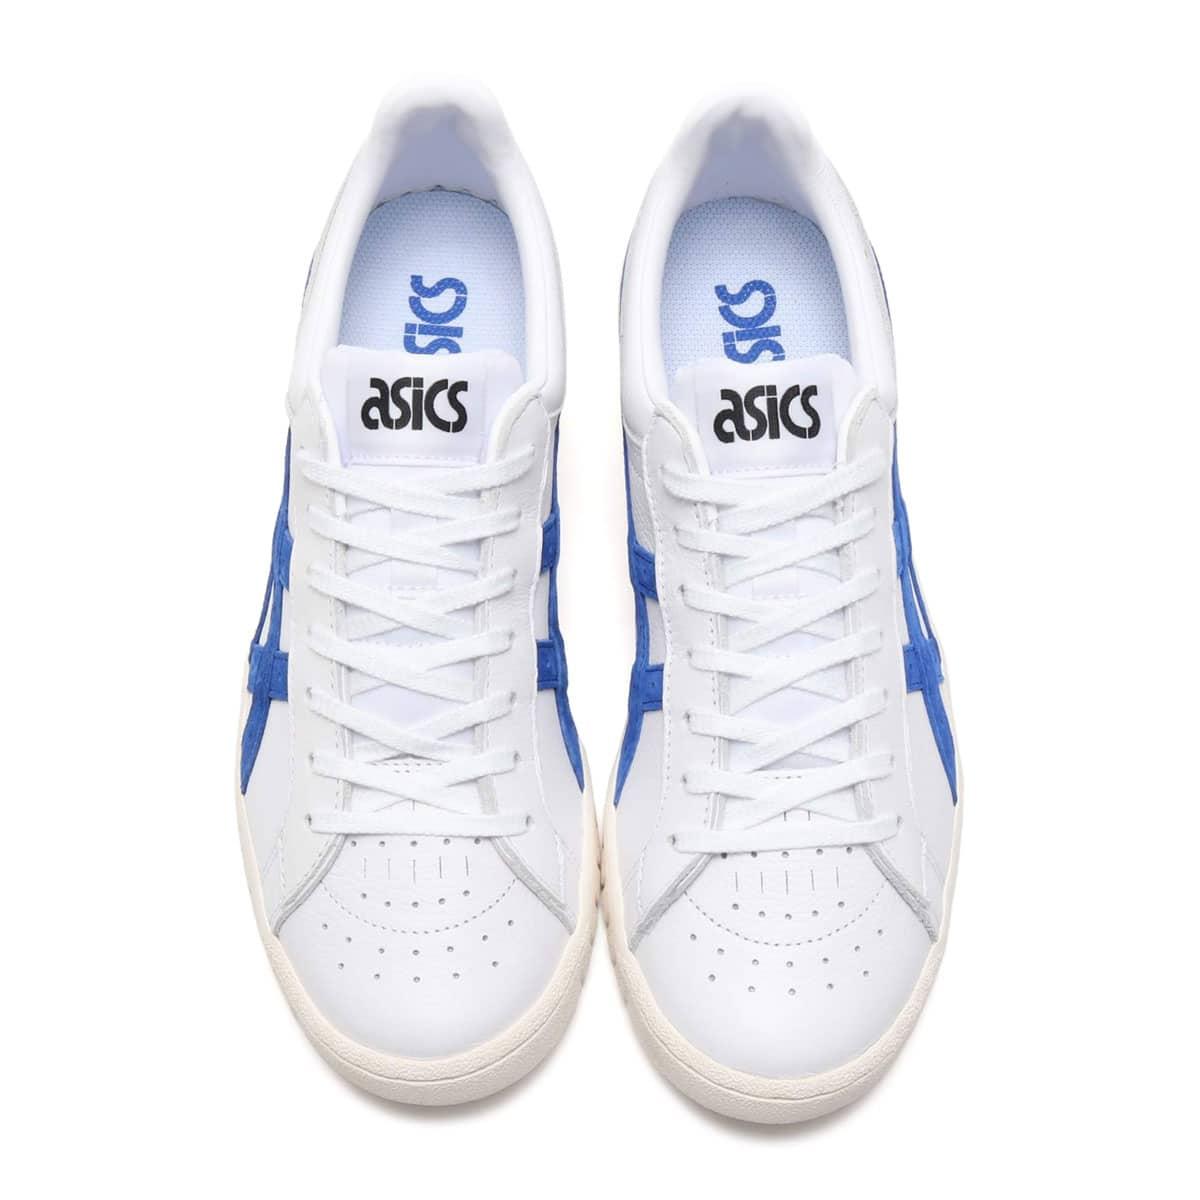 promo code d5059 a8c39 ASICSTIGER GEL-PTG WHITE/ASICS BLUE 18FW-I